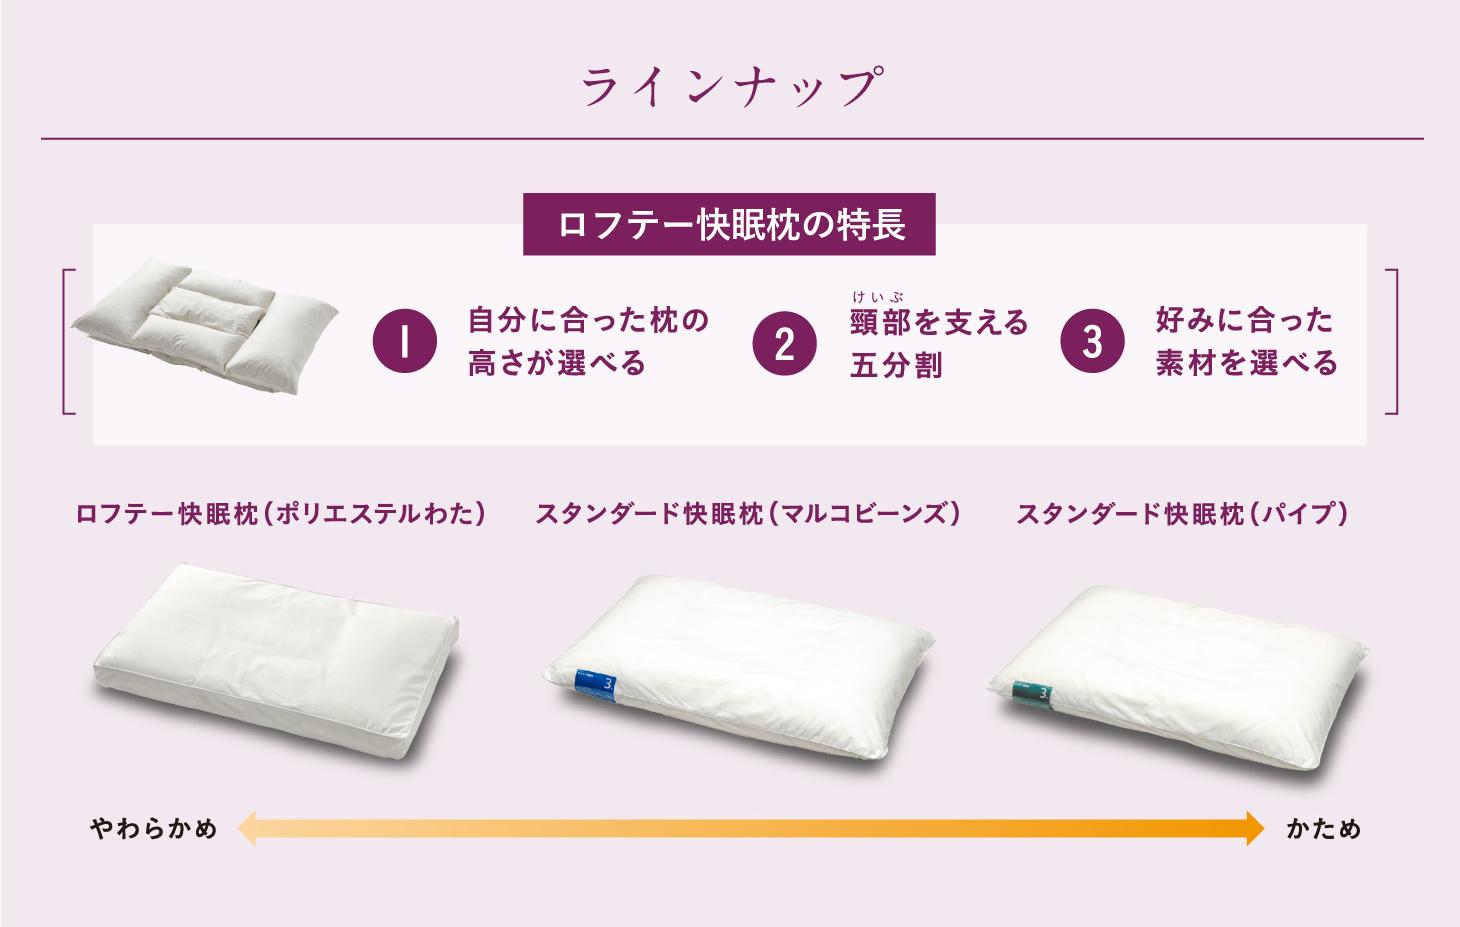 ラインナップ ロフテー快眠枕の特長は自分に合った枕の高さが選べる、頸部を支える五分割、好みに合った素材を選べる